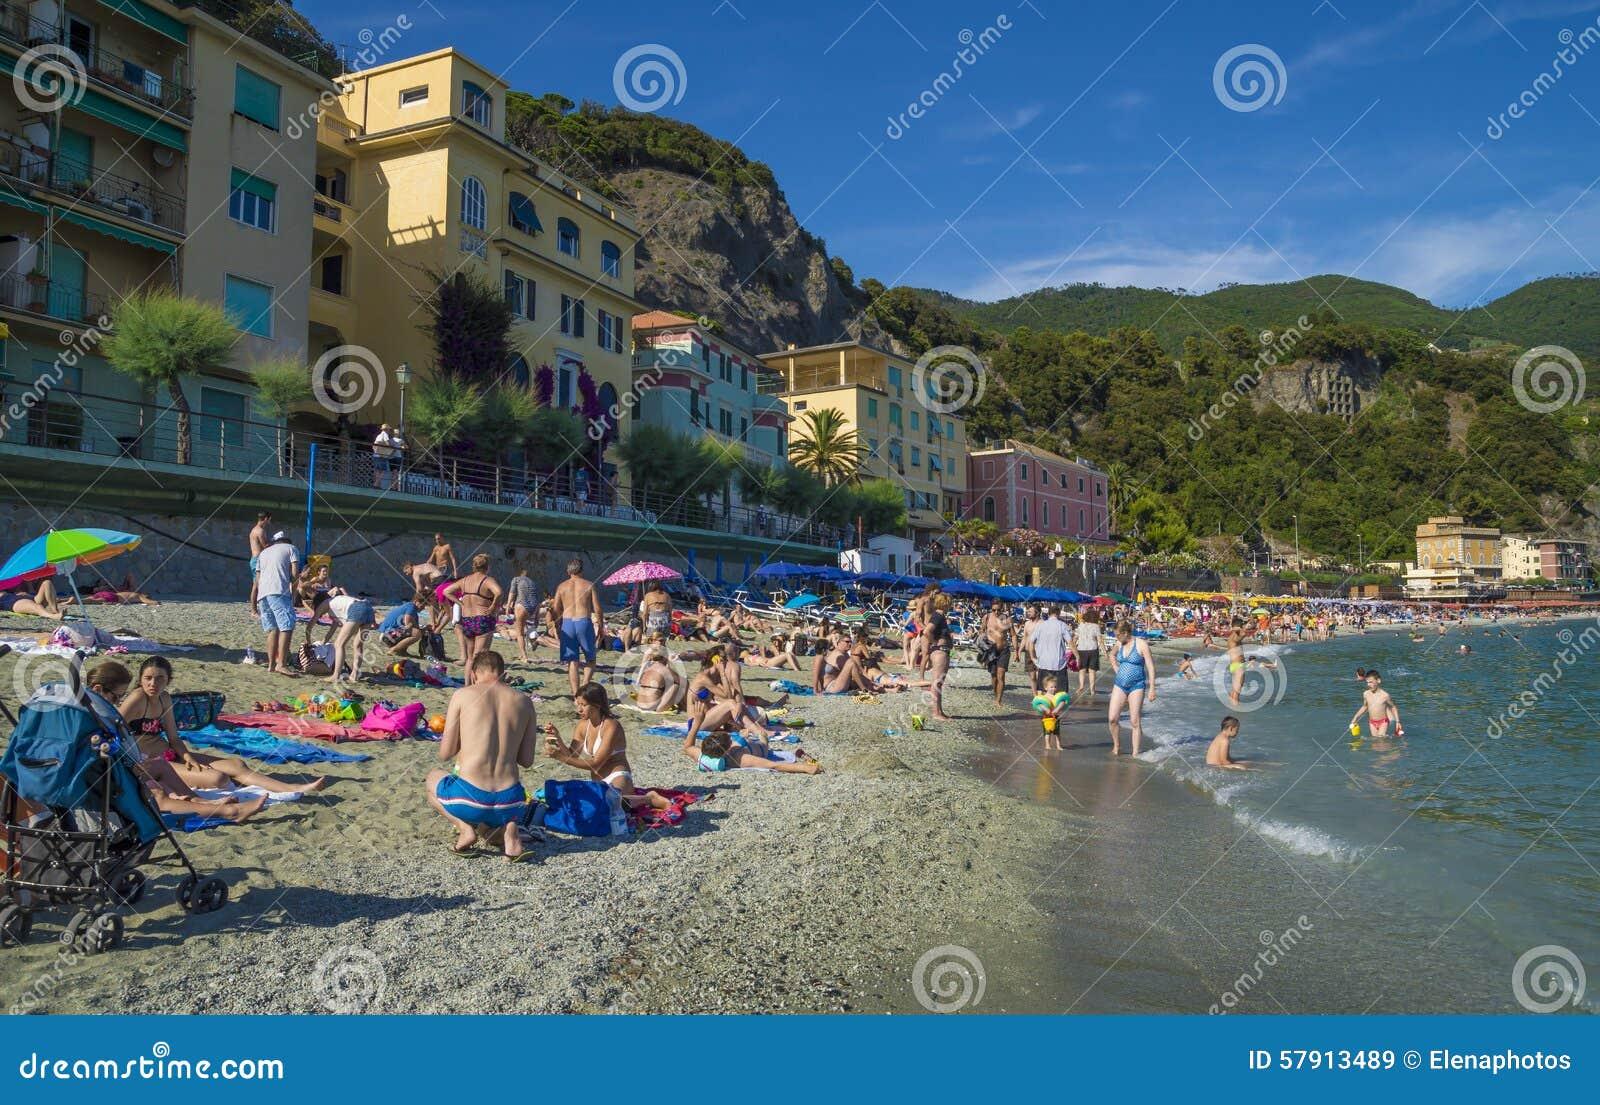 Alla Spiaggia Di Monterosso, Cinque Terre Immagine Stock ...